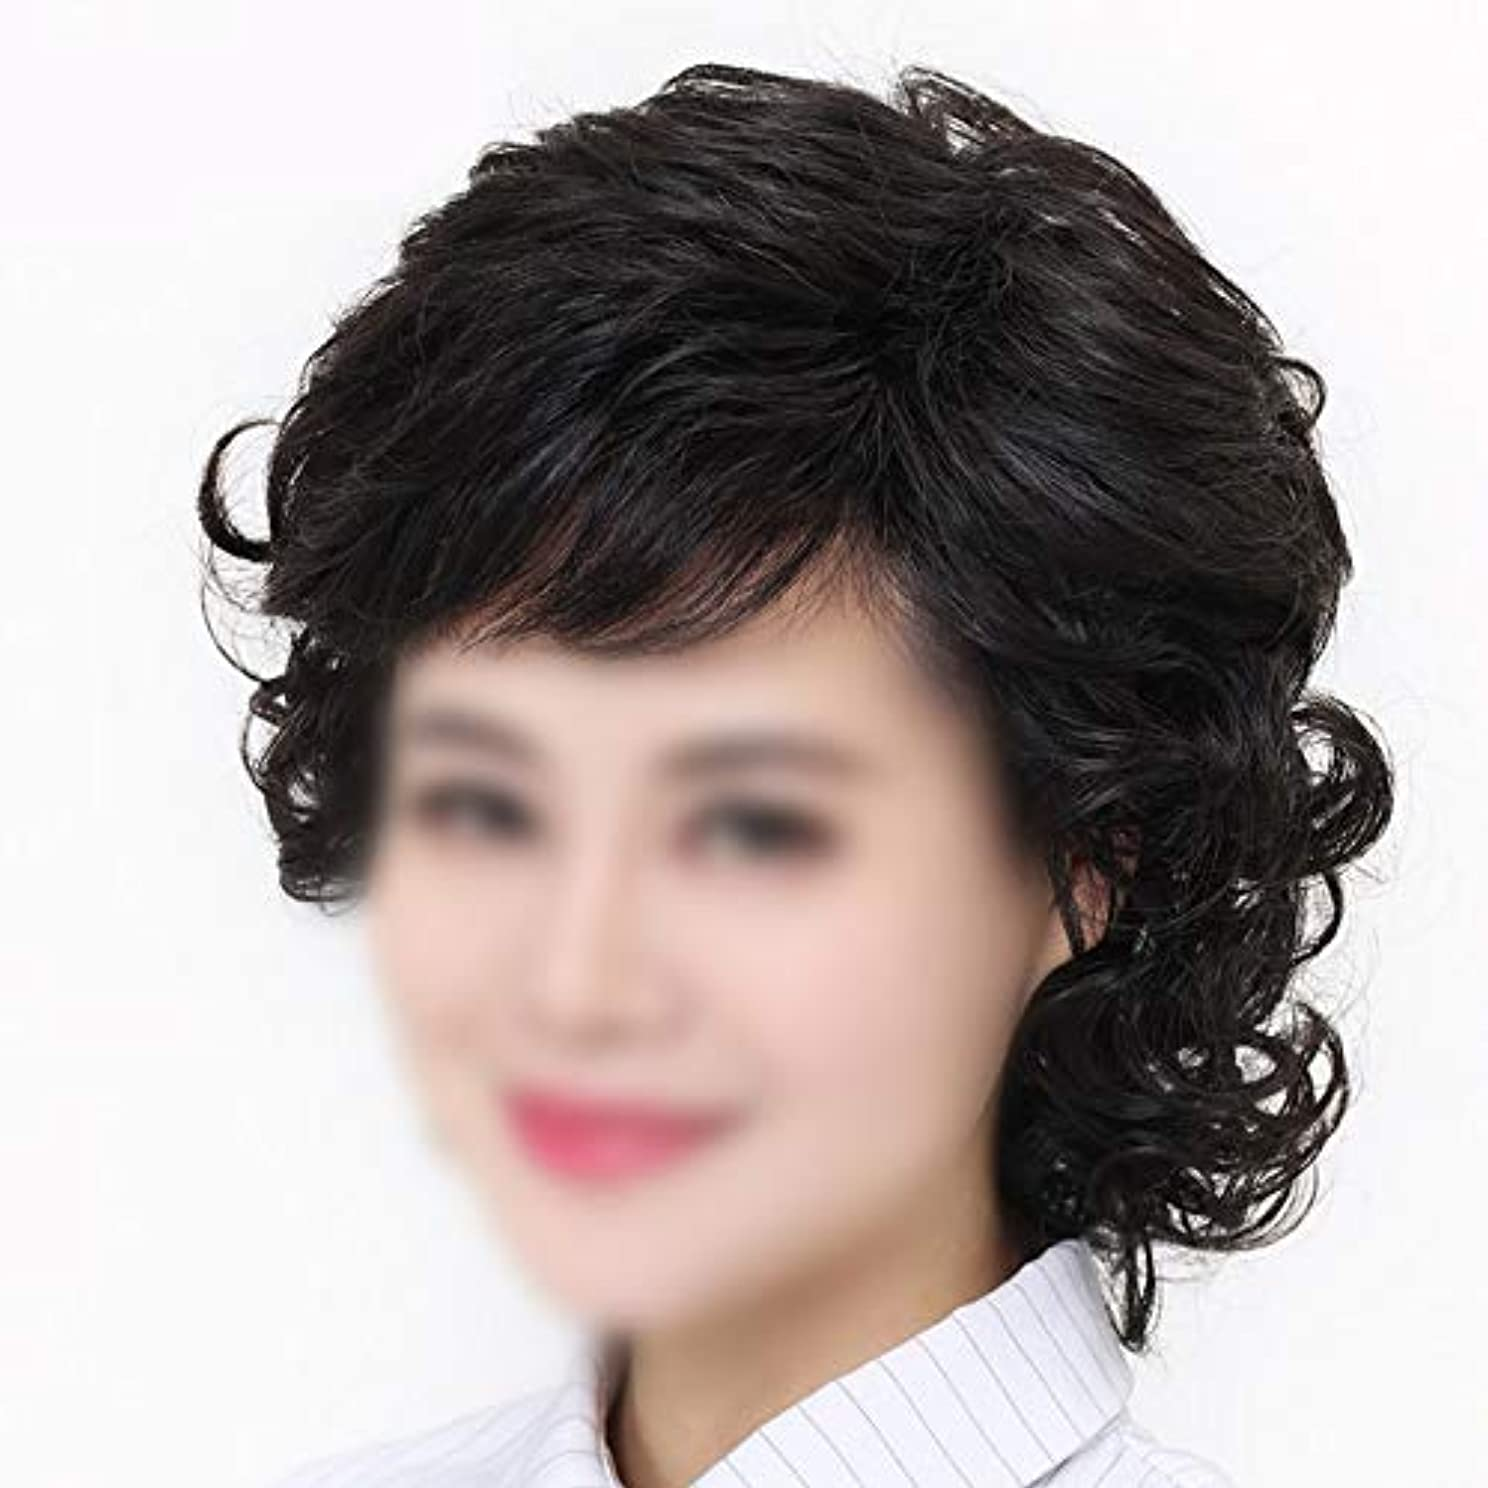 王朝埋め込む不透明なYOUQIU 女性の中年ウィッグ母の髪のかつらのために手織りショートヘアレアル髪ダークブラウンウィッグ (色 : Dark brown, サイズ : Mechanism)